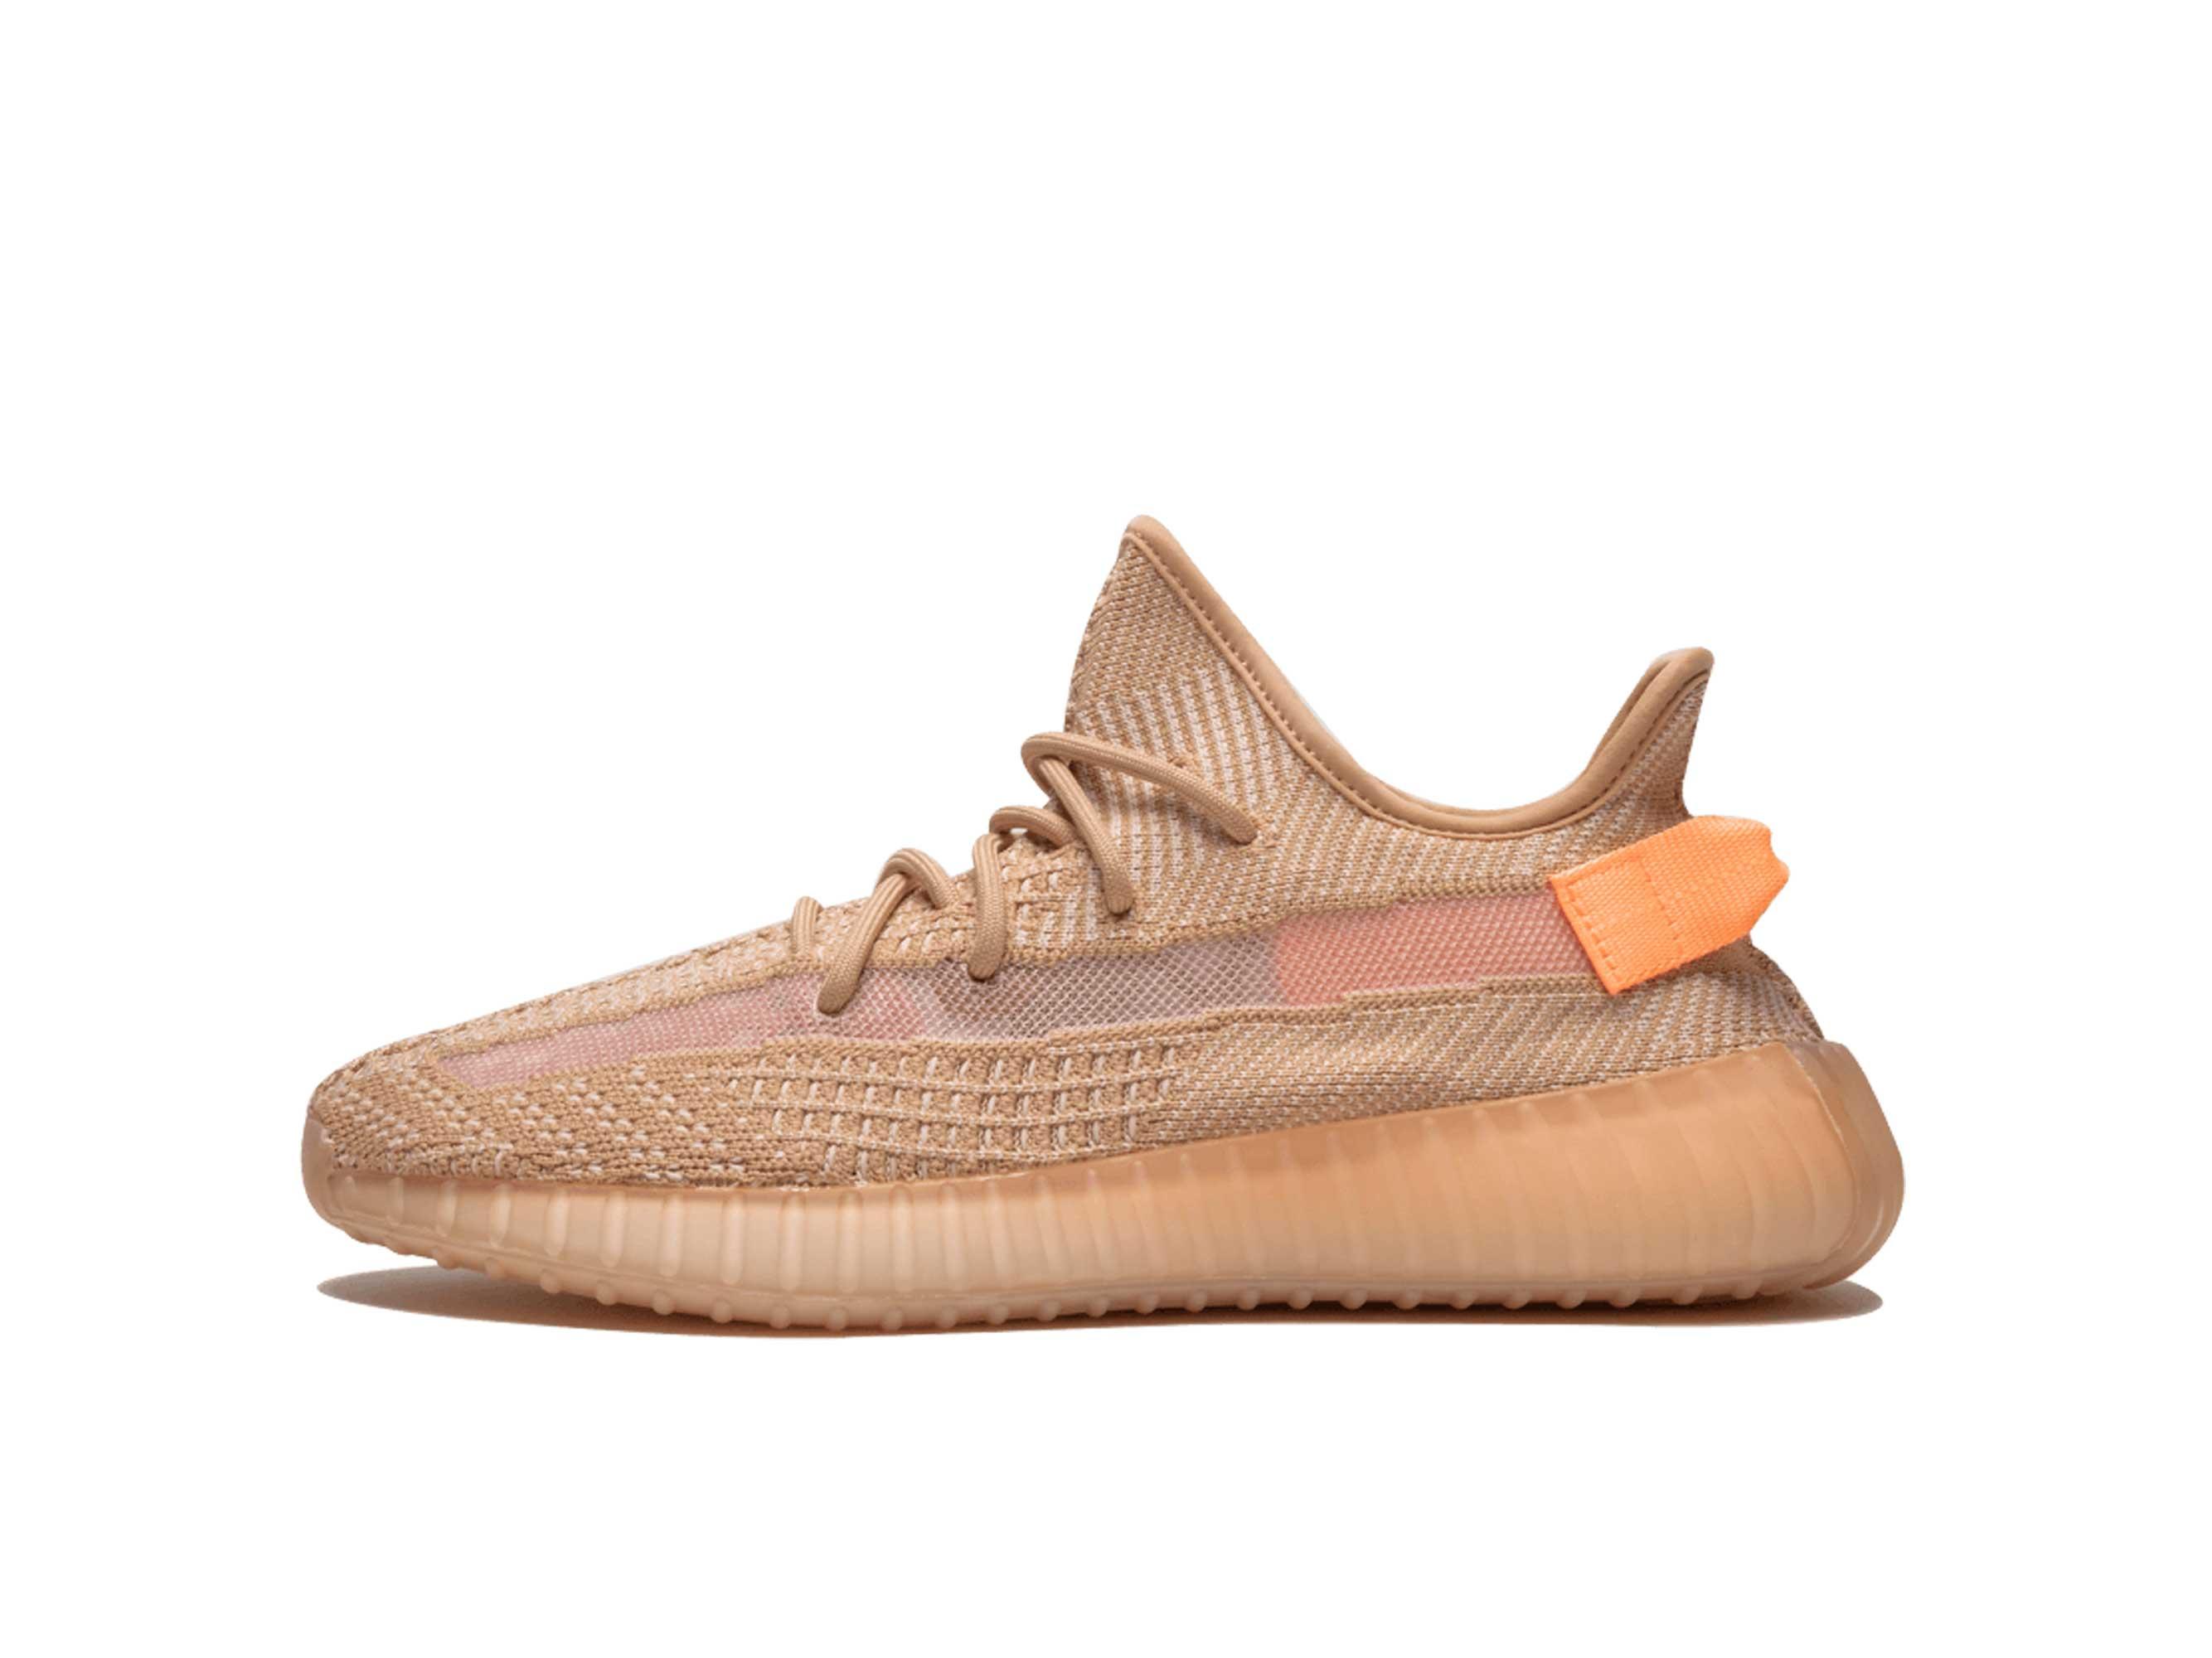 adidas yeezy boost 350 V2 clay ⋆ adidas